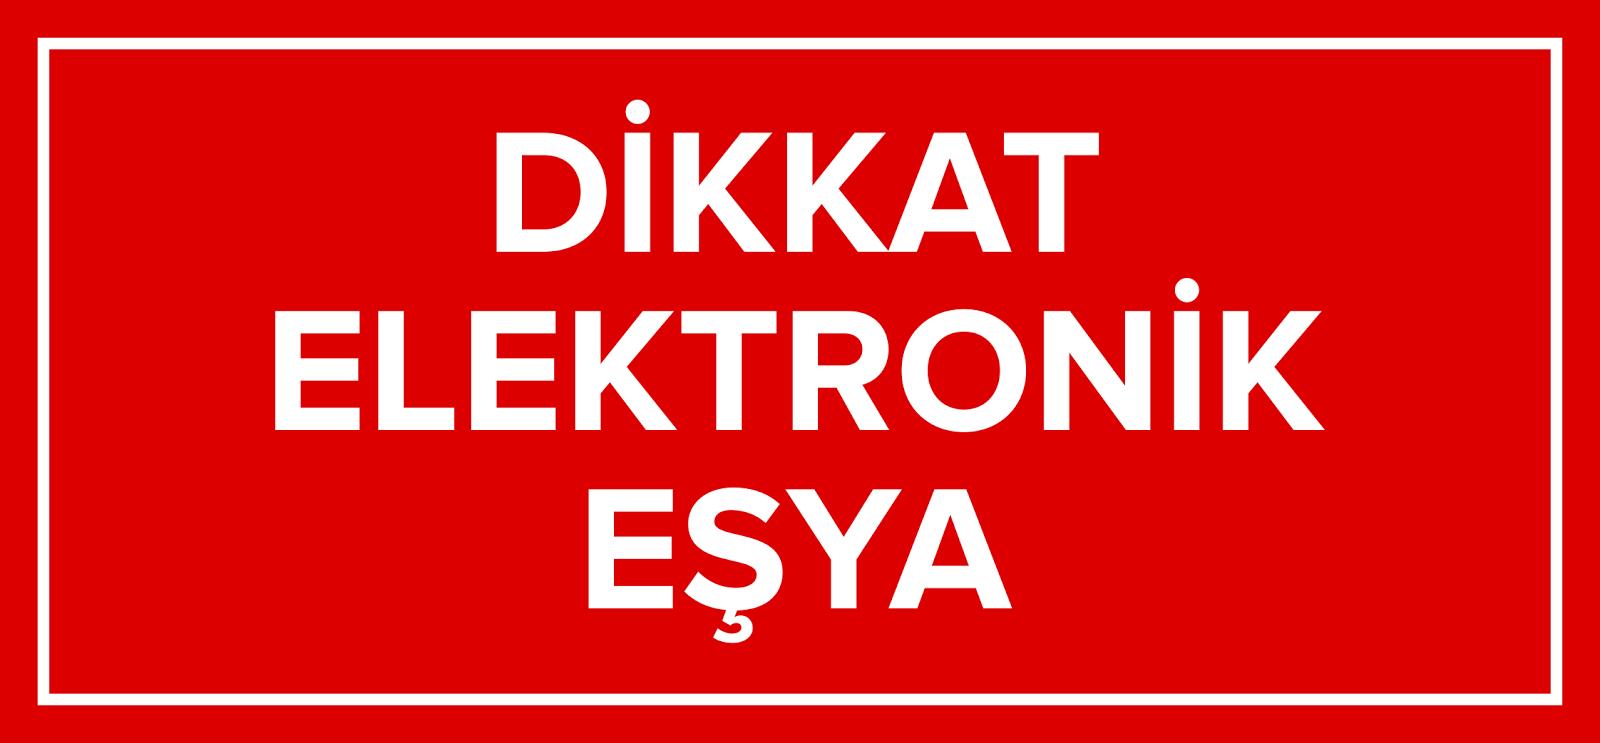 Dikkat Elektronik Eşya